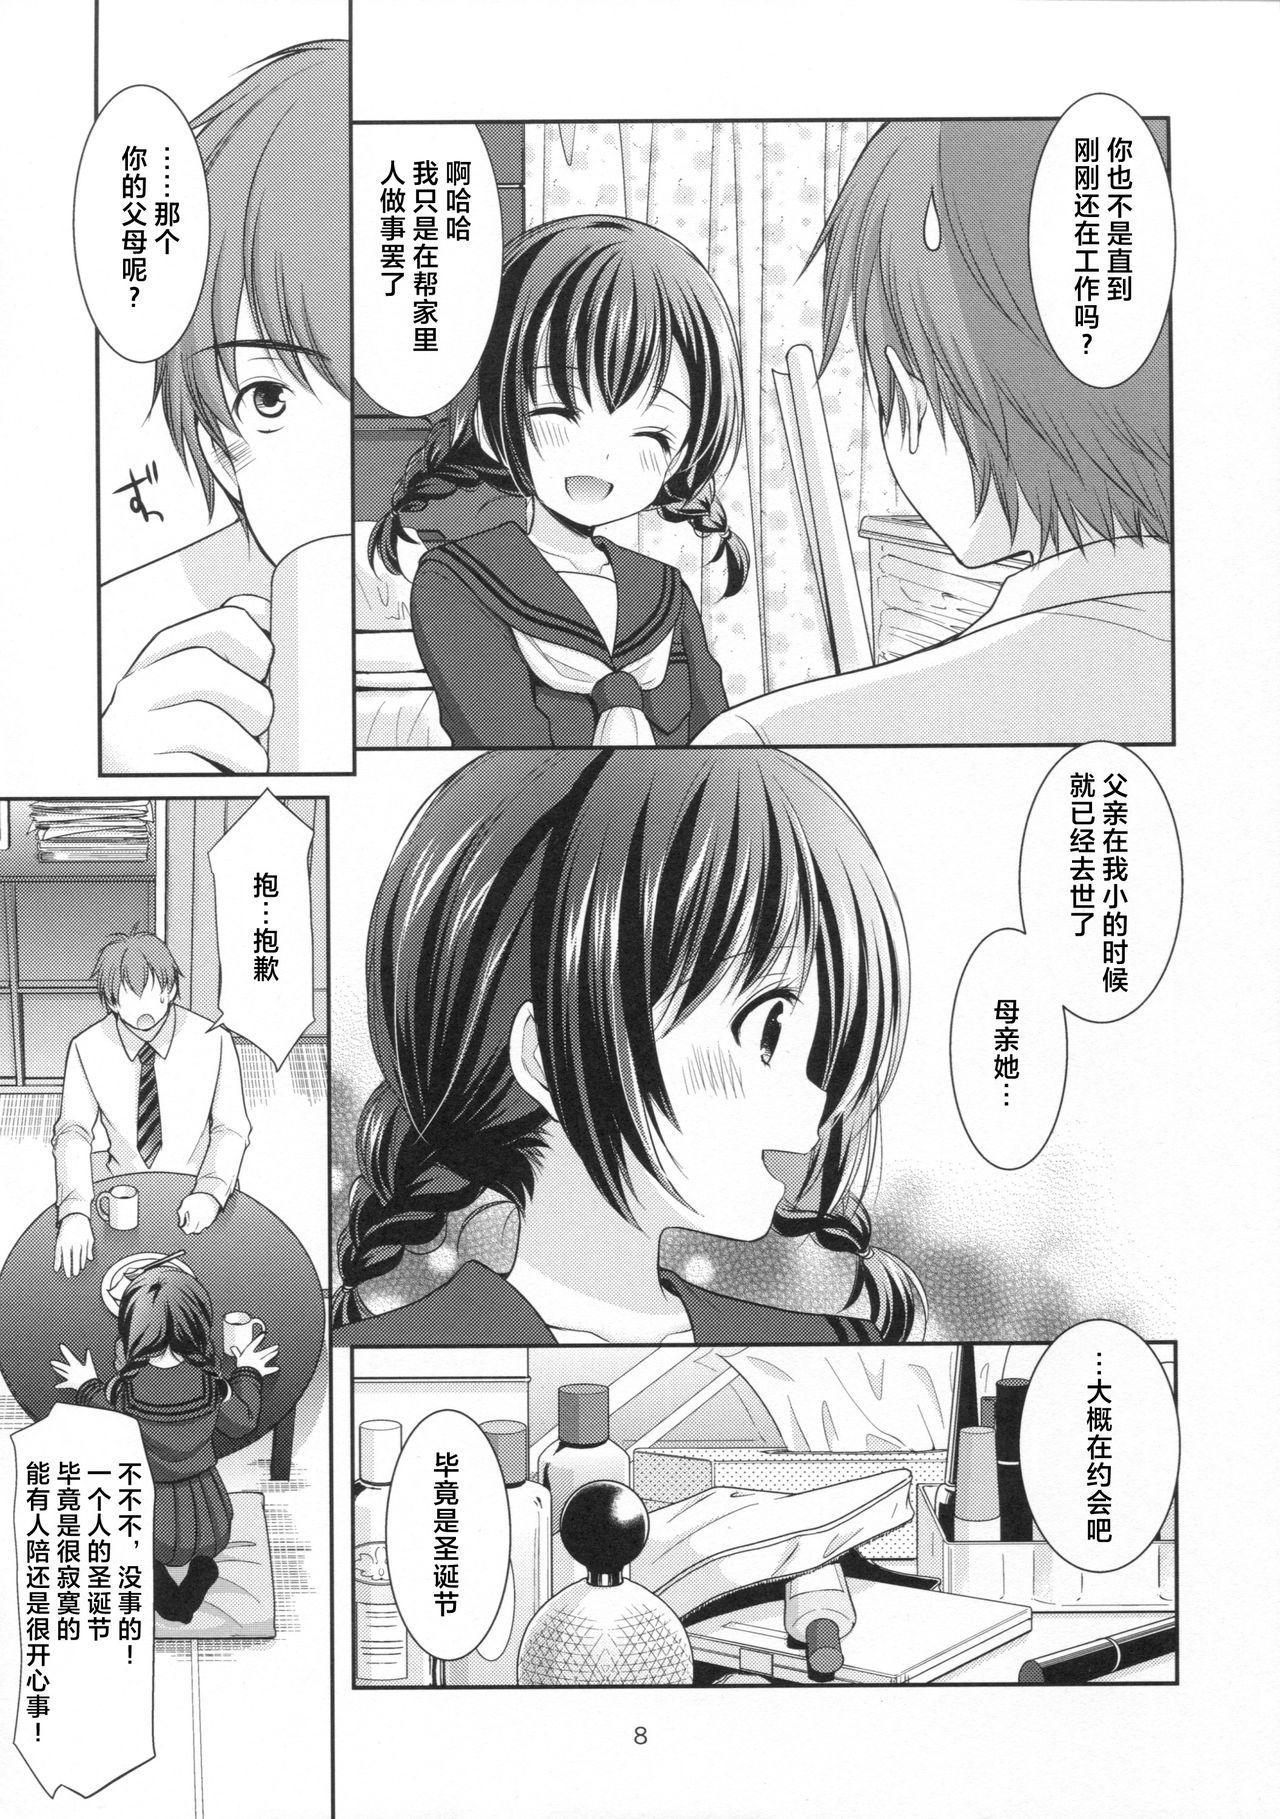 Yougashiten no Amai Yuuwaku 7